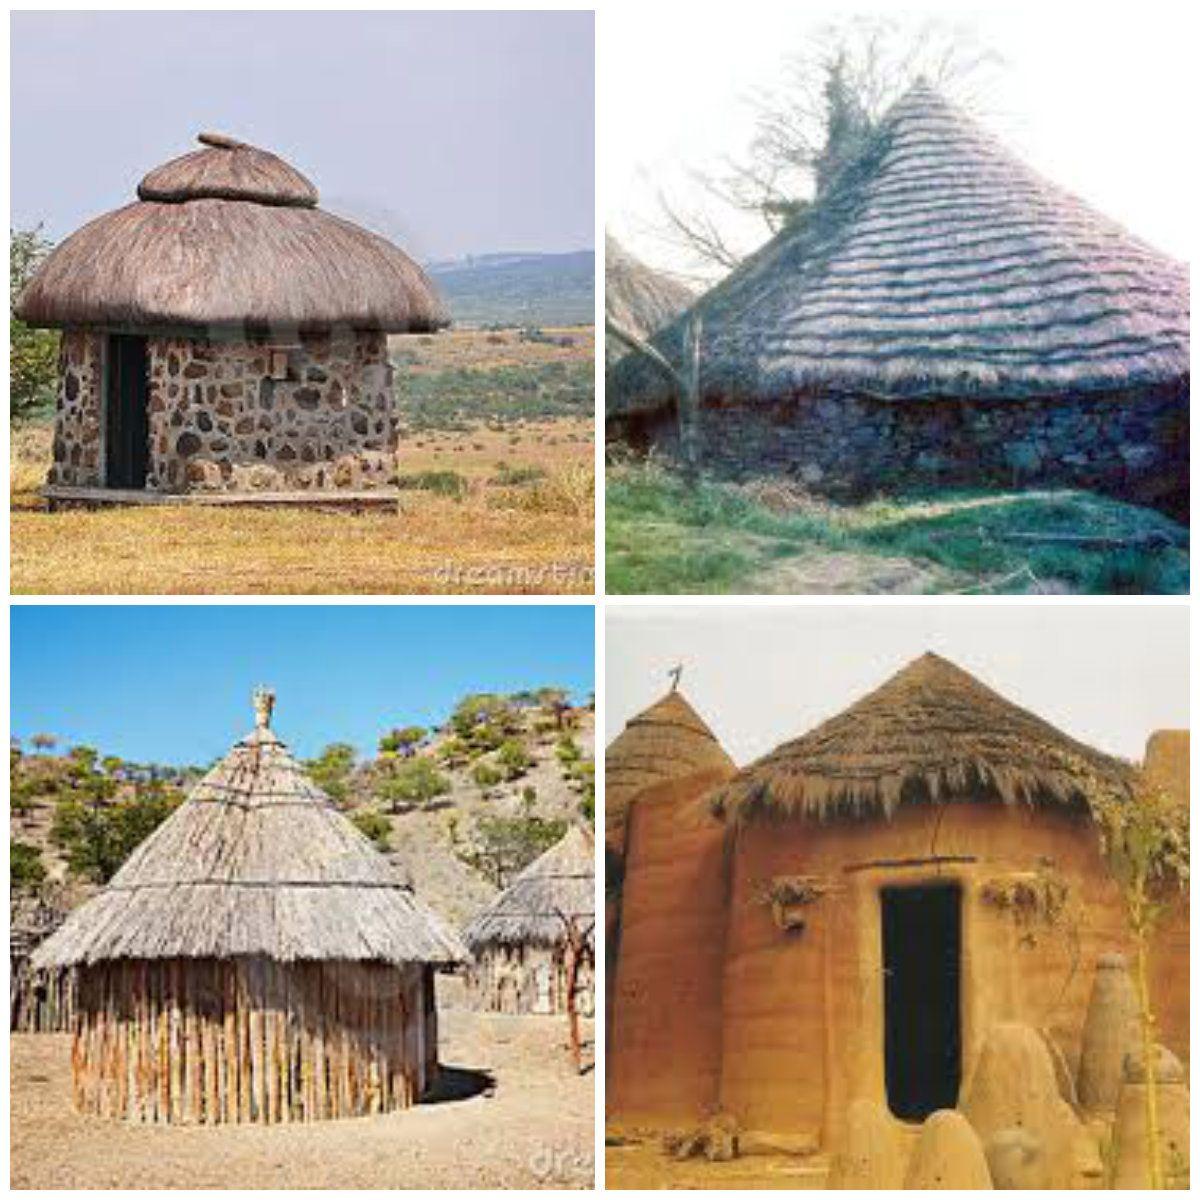 Se puede observar los diferentes tipos de casas africanas for Tipos de tejados de casas